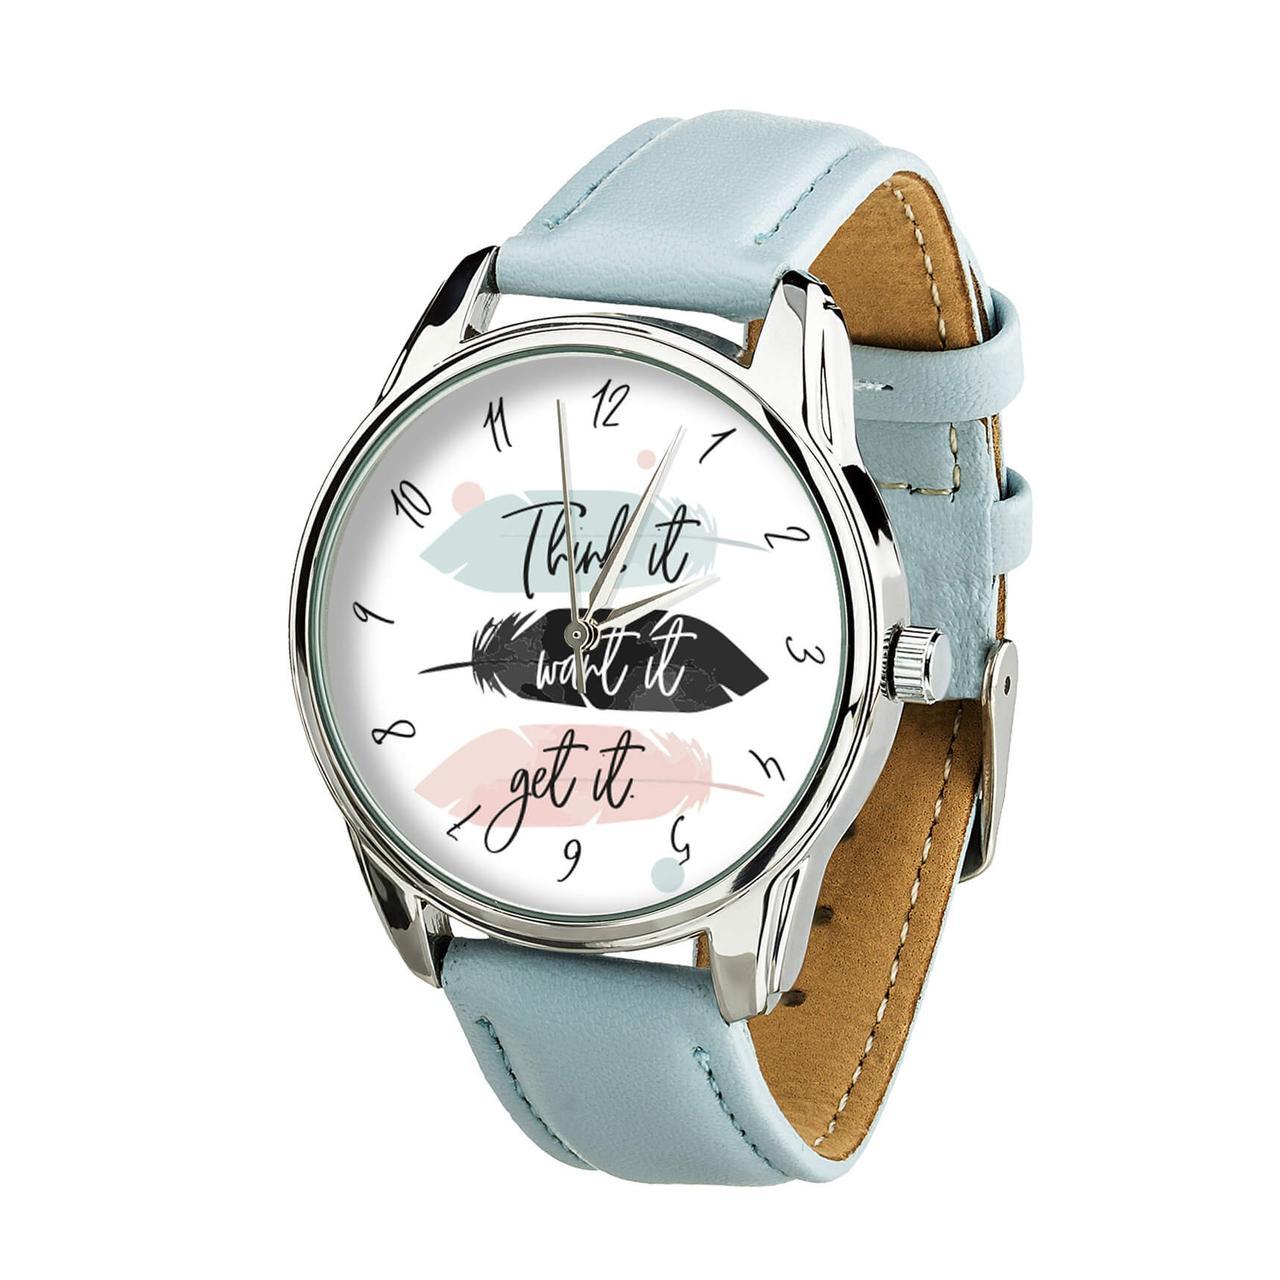 Годинник ZIZ Думай Бажай Отримуй (ремінець ніжно - блакитний, срібло) + додатковий ремінець